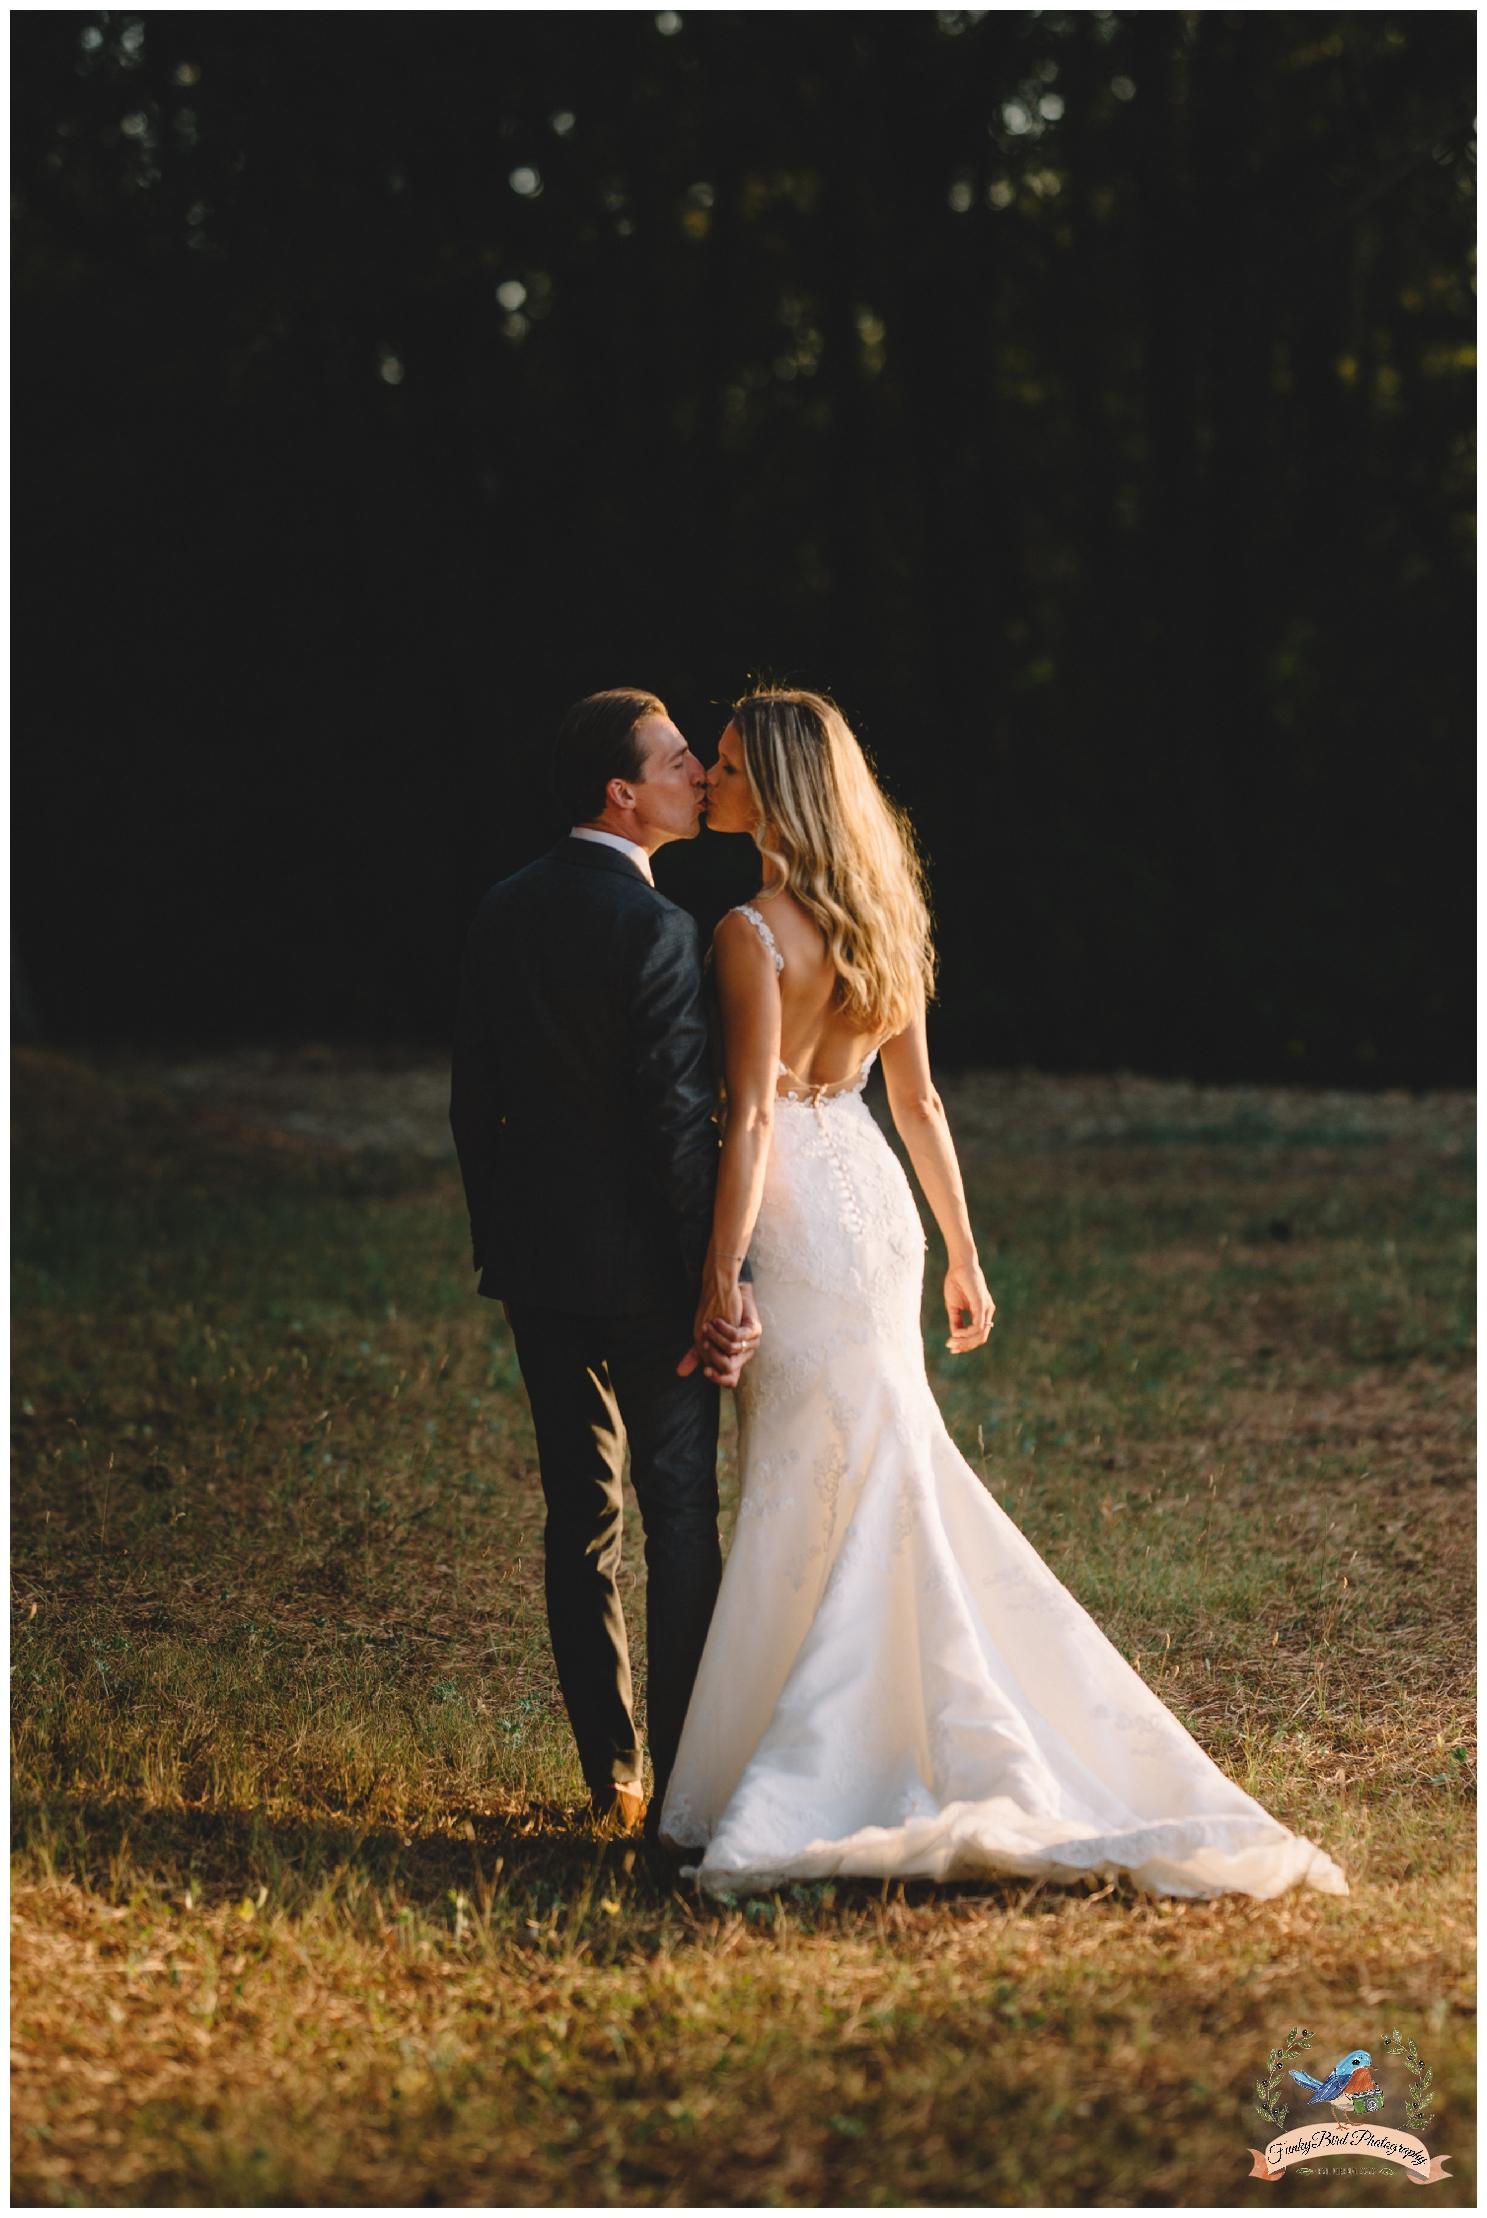 Wedding_Photographer_Tuscany_Florence_53.jpg